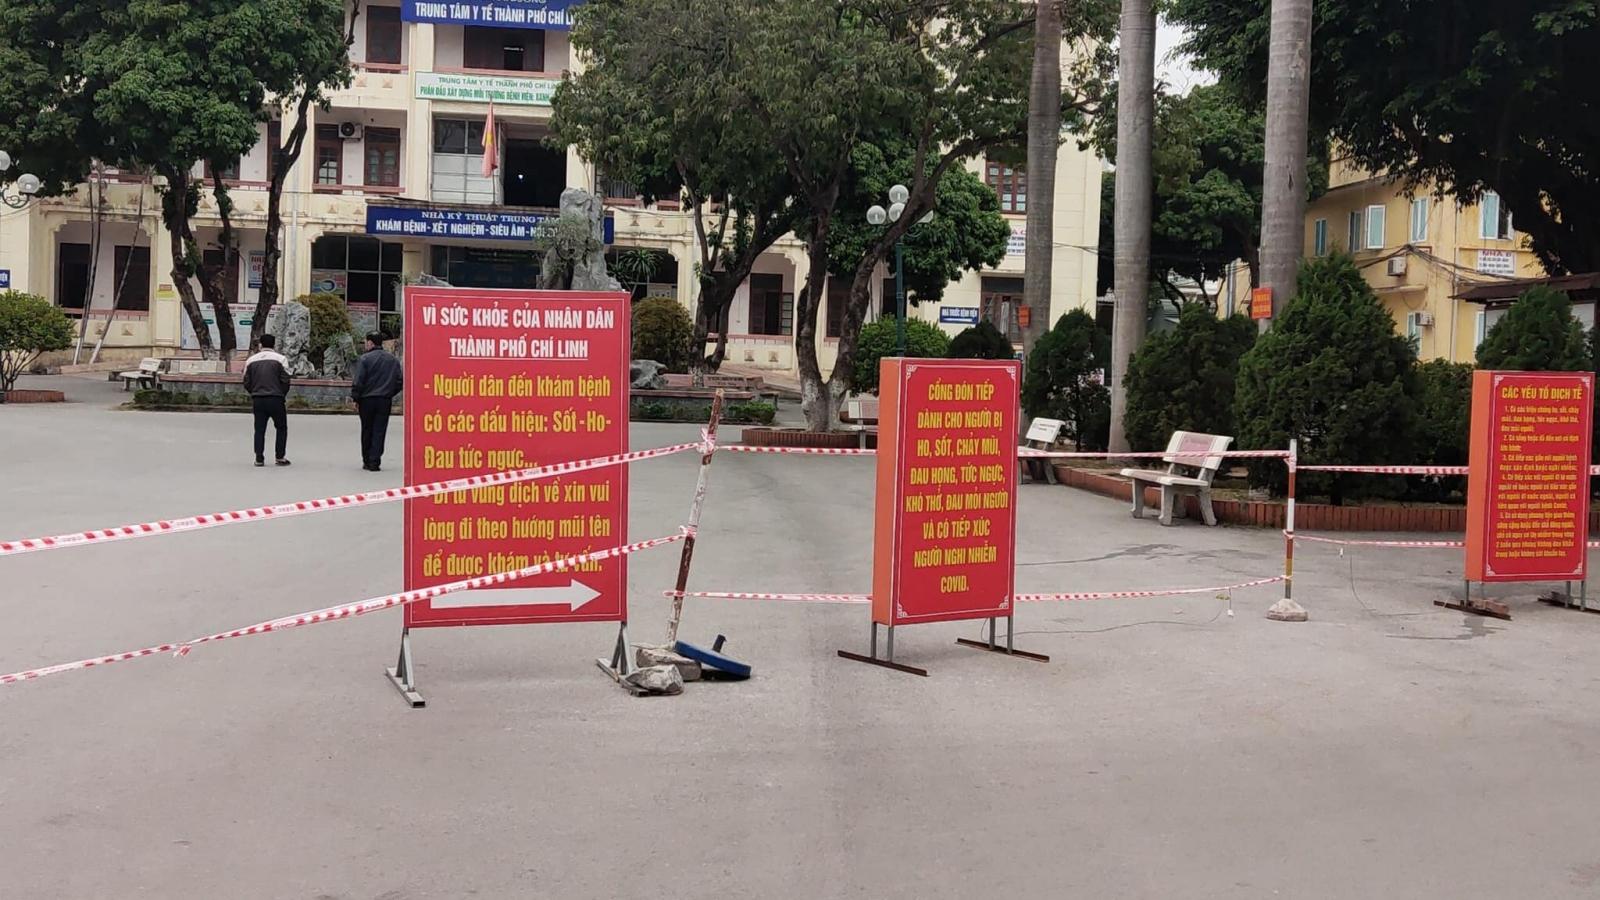 Thiết lập khu hồi sức tích cực tại Chí Linh để điều trị ca COVID-19 nặng